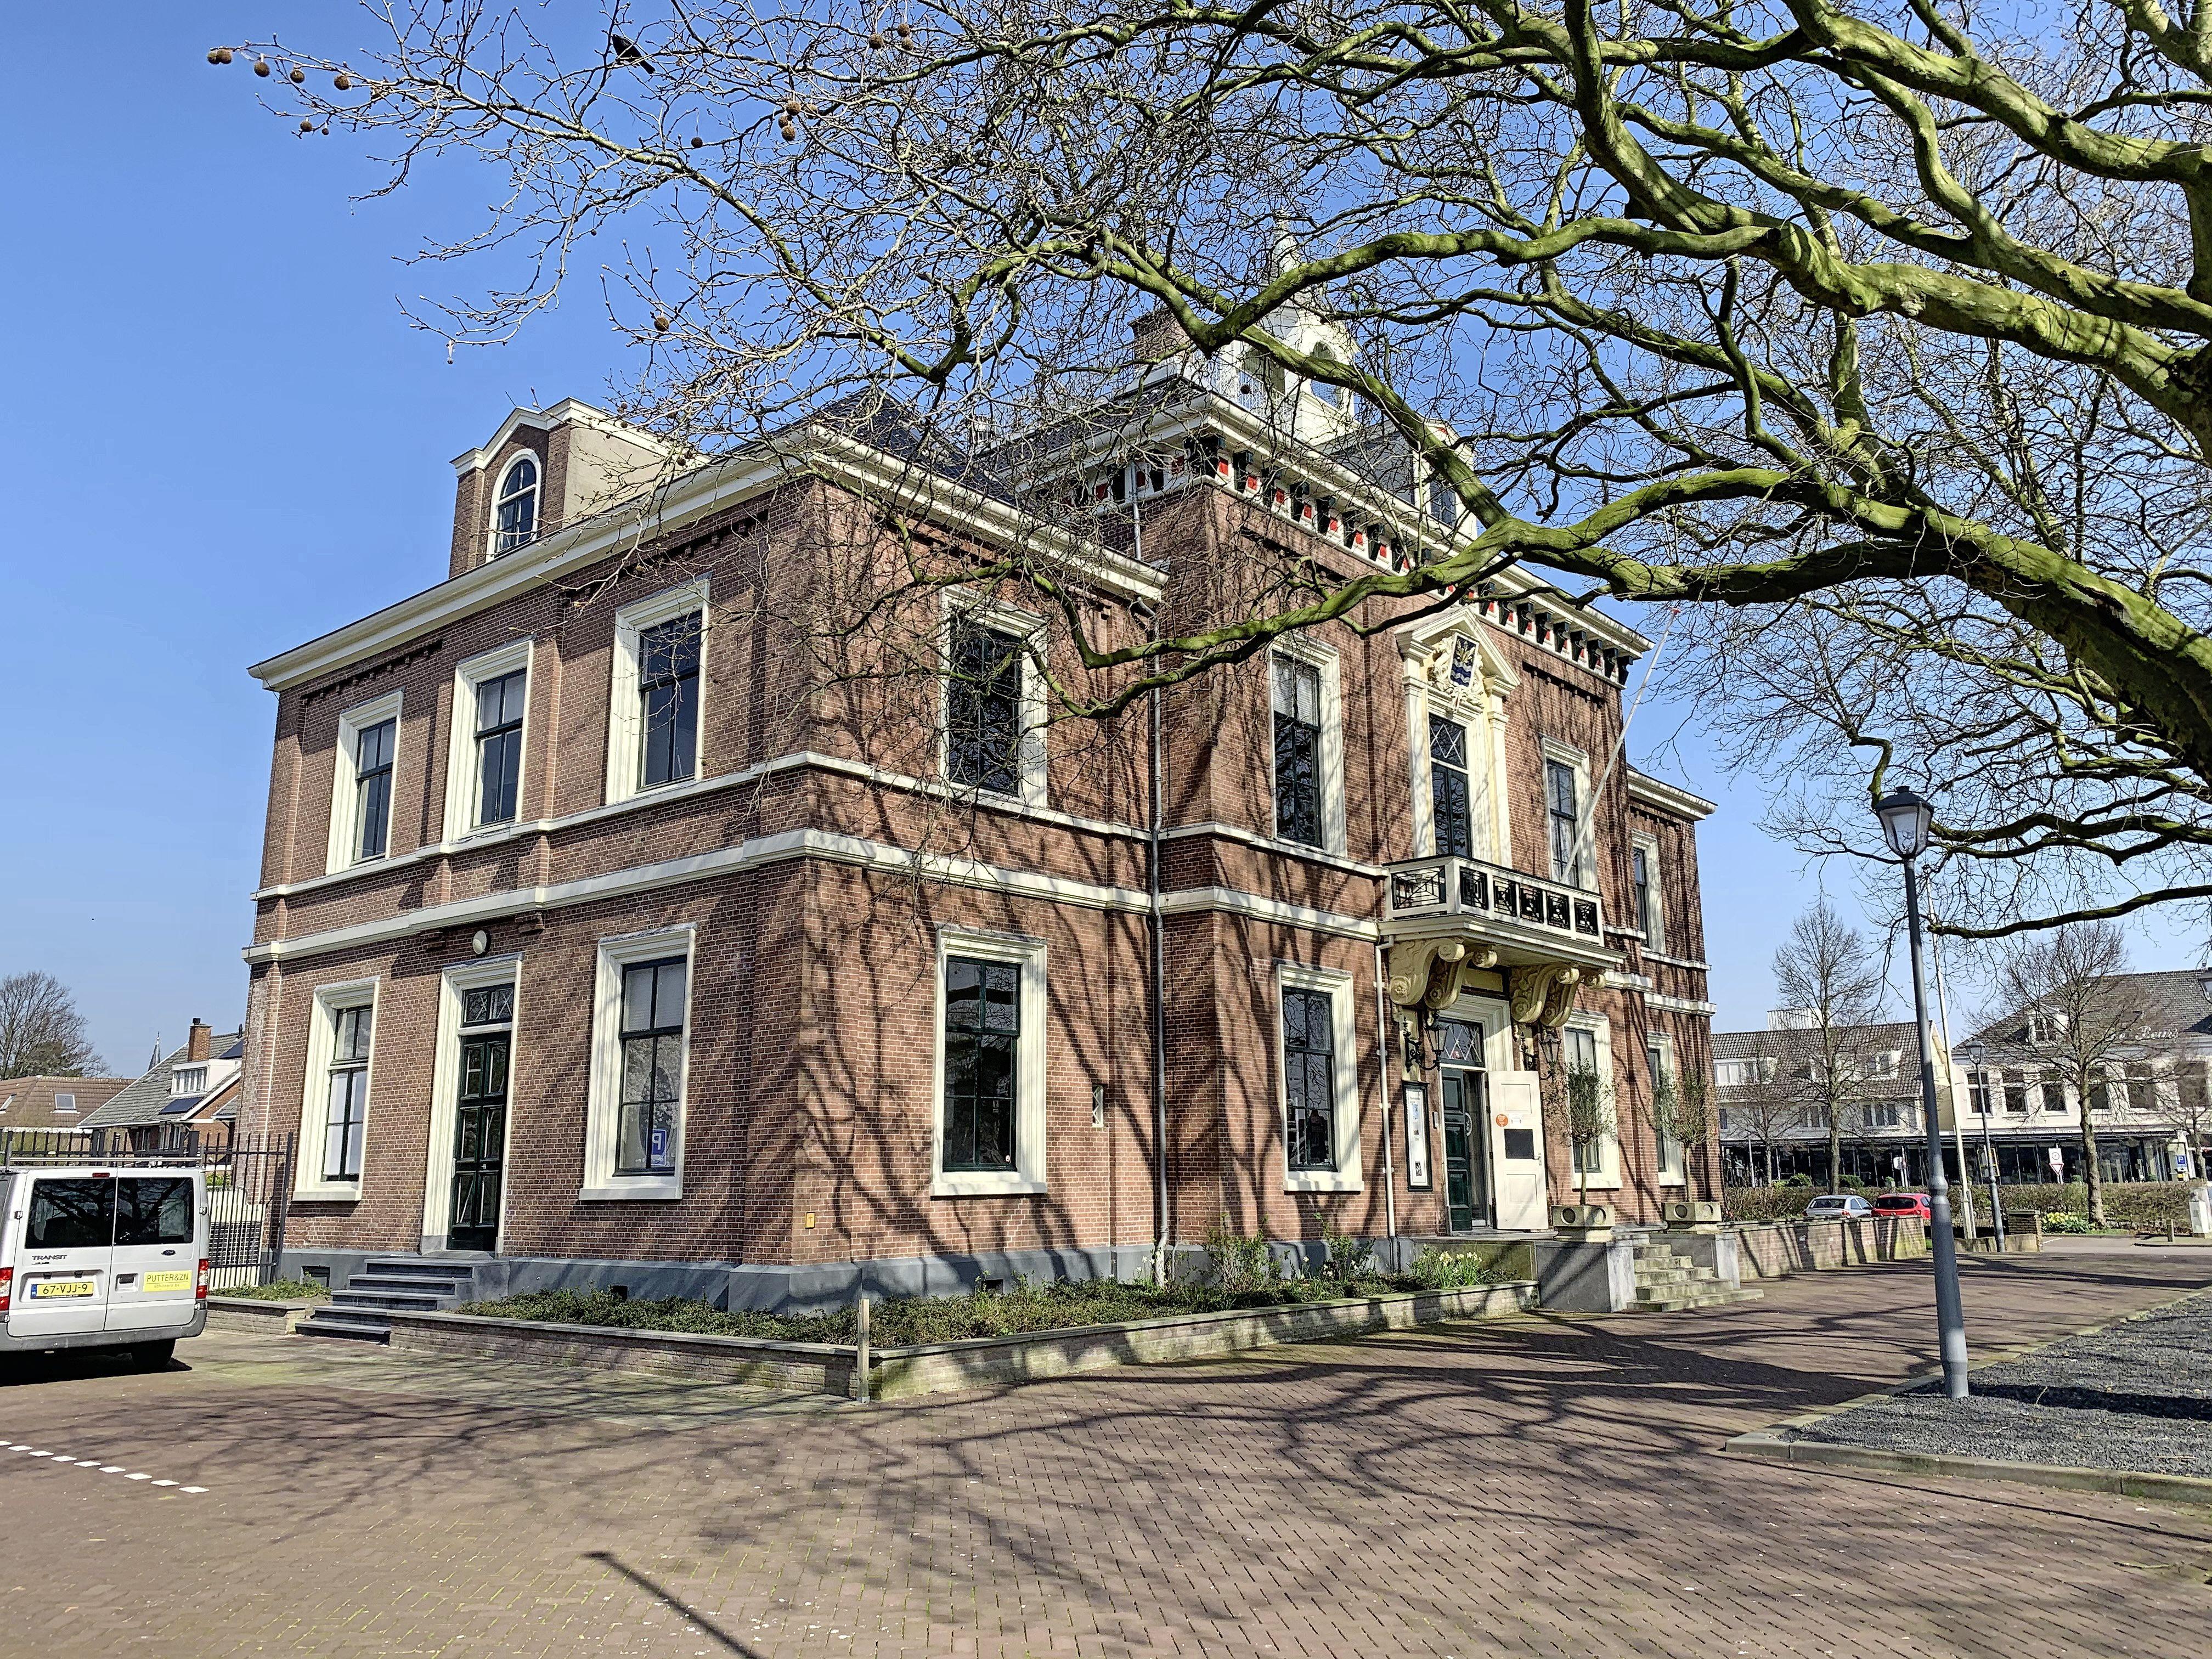 Haarlemmermeer heeft eigen vastgoed na zes jaar nog niet in beeld, maar dit zou wel moeten om geld te besparen